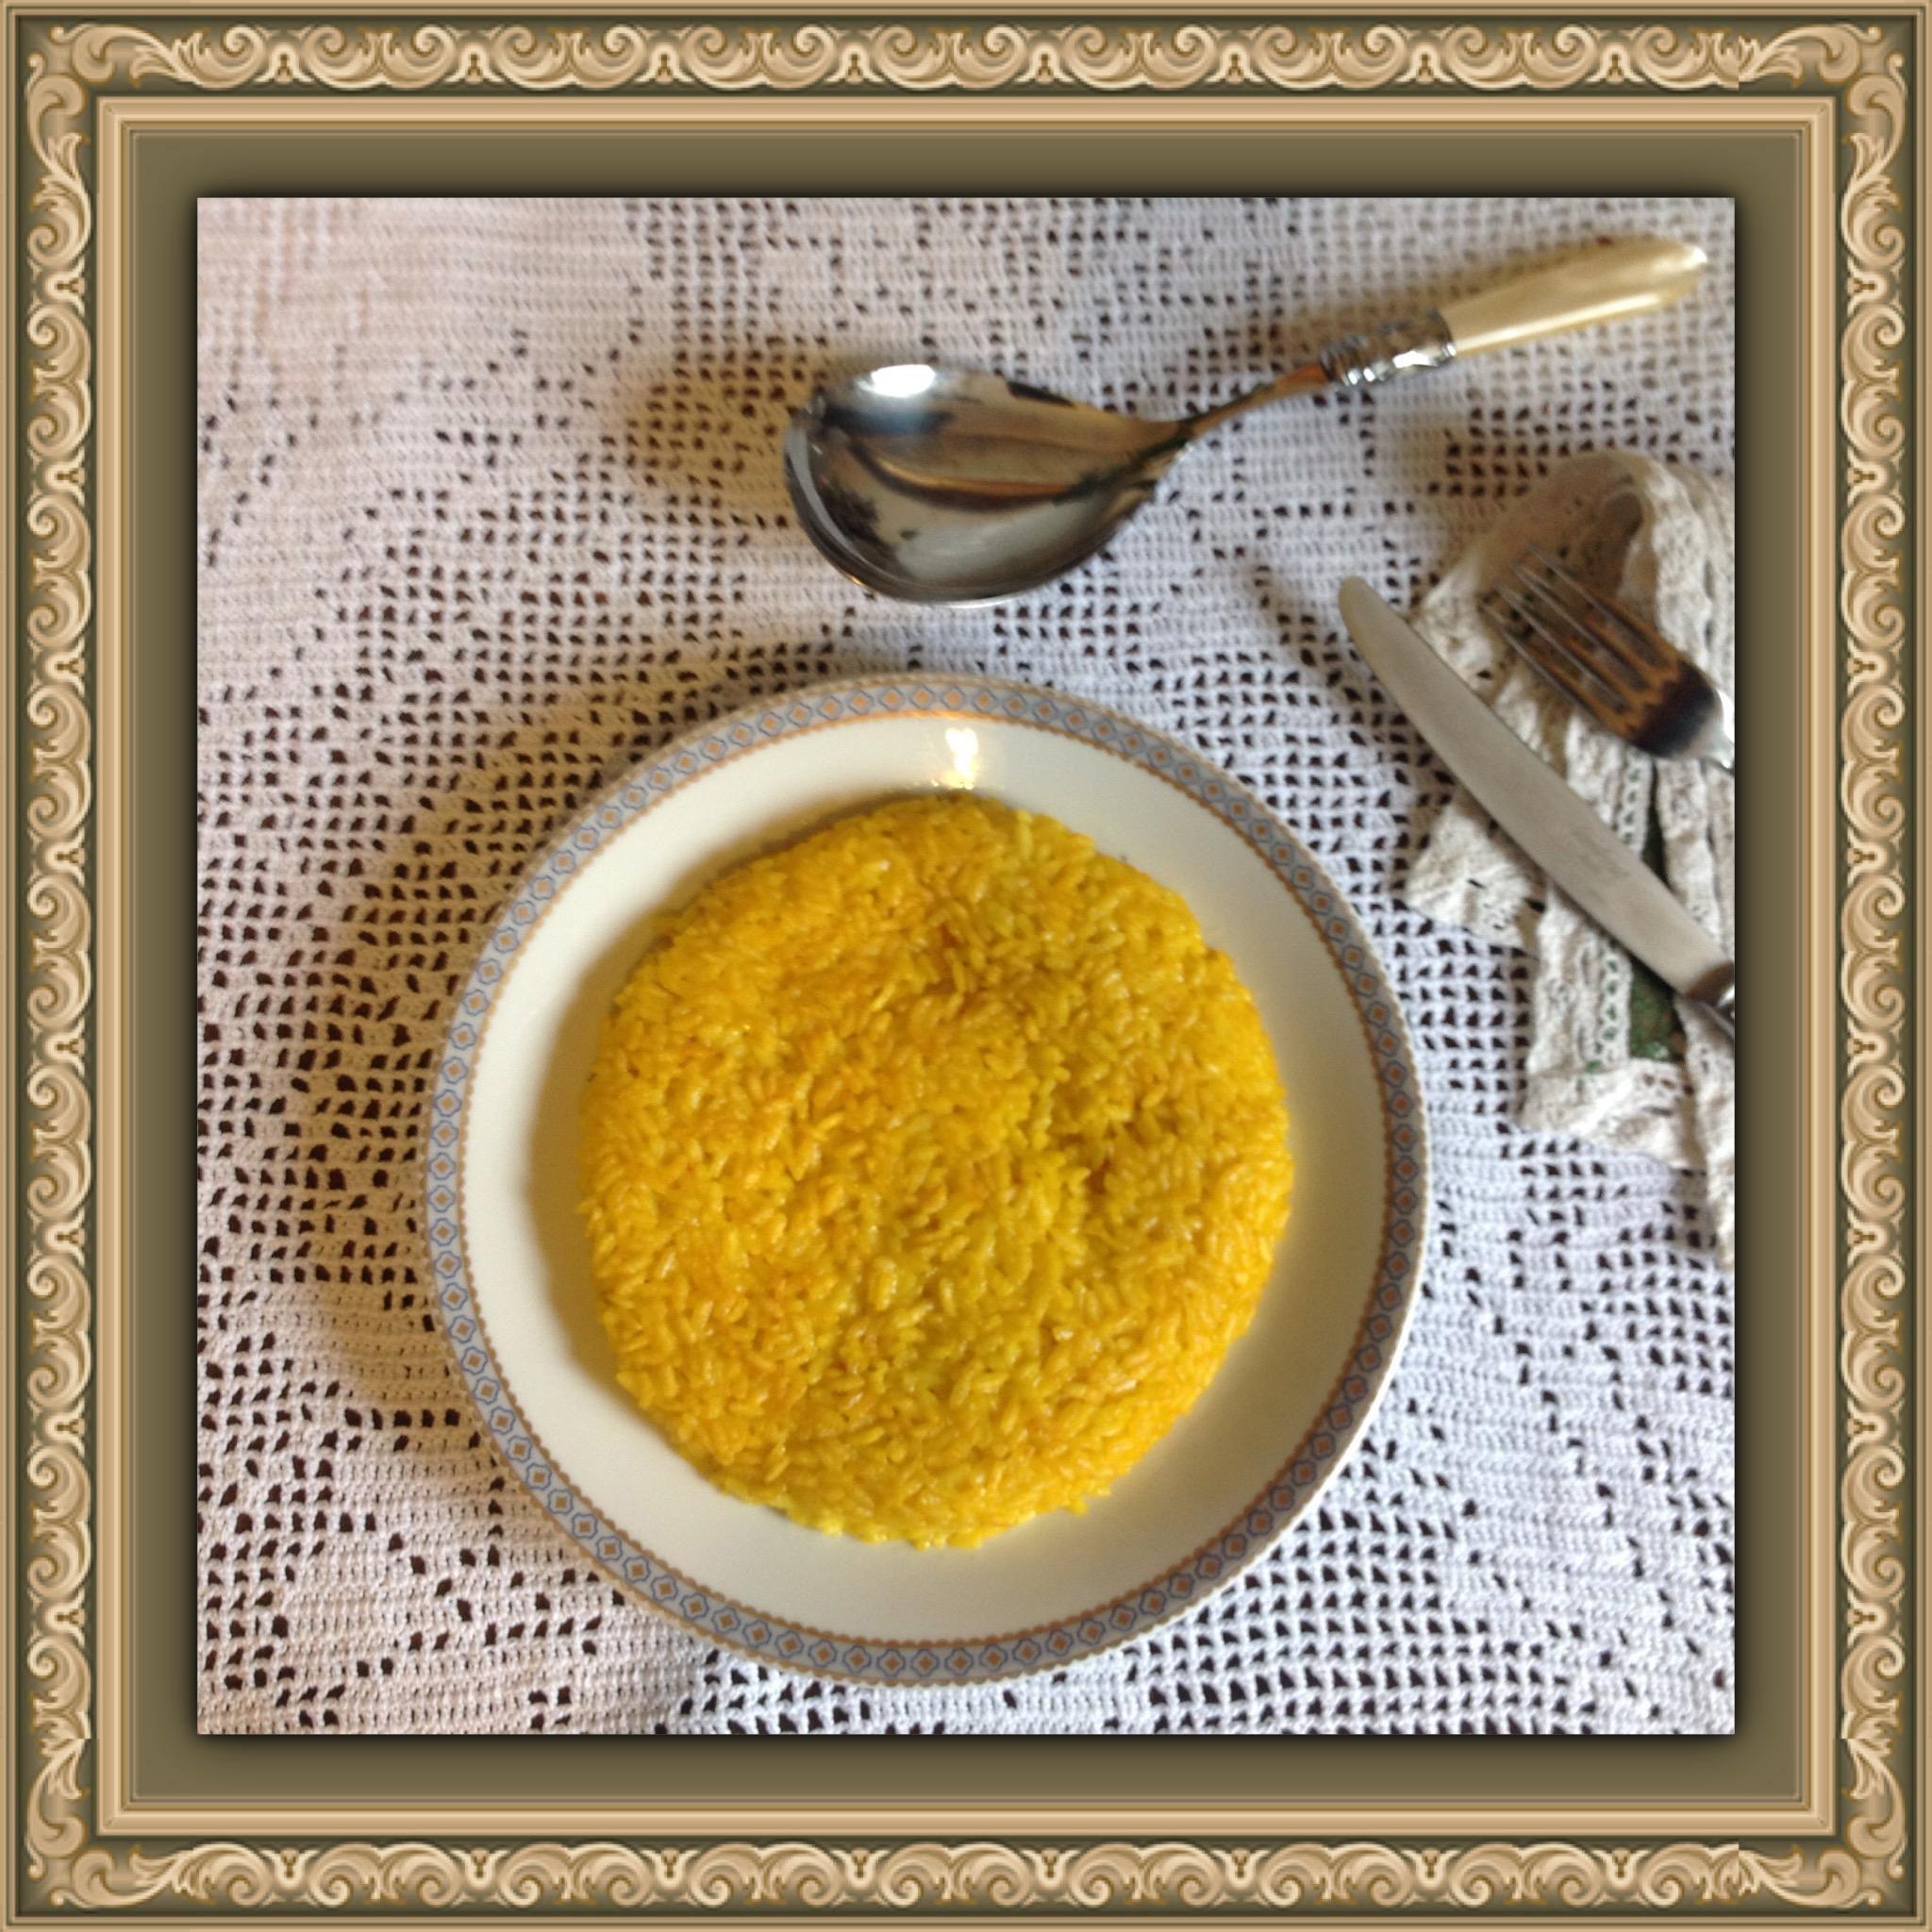 Oggi si festeggia la Giornata Nazionale del riso al salto per il Calendario del Cibo Italiano